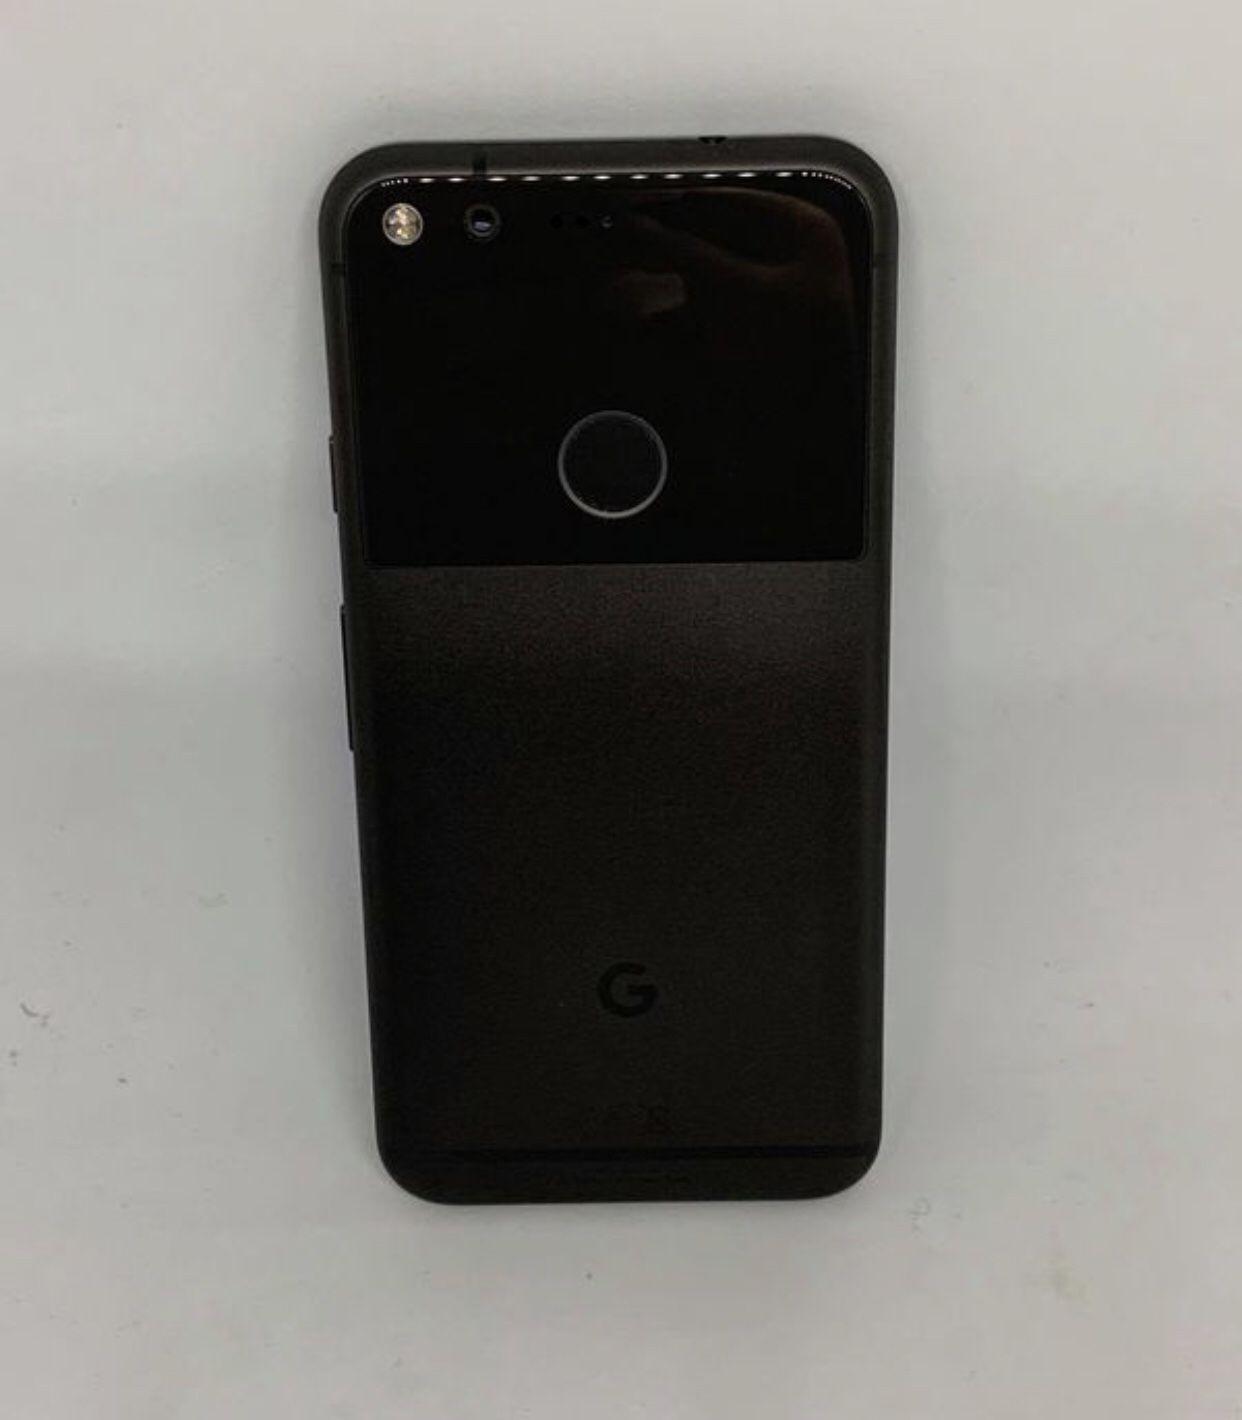 Google Pixel XL Unlocked